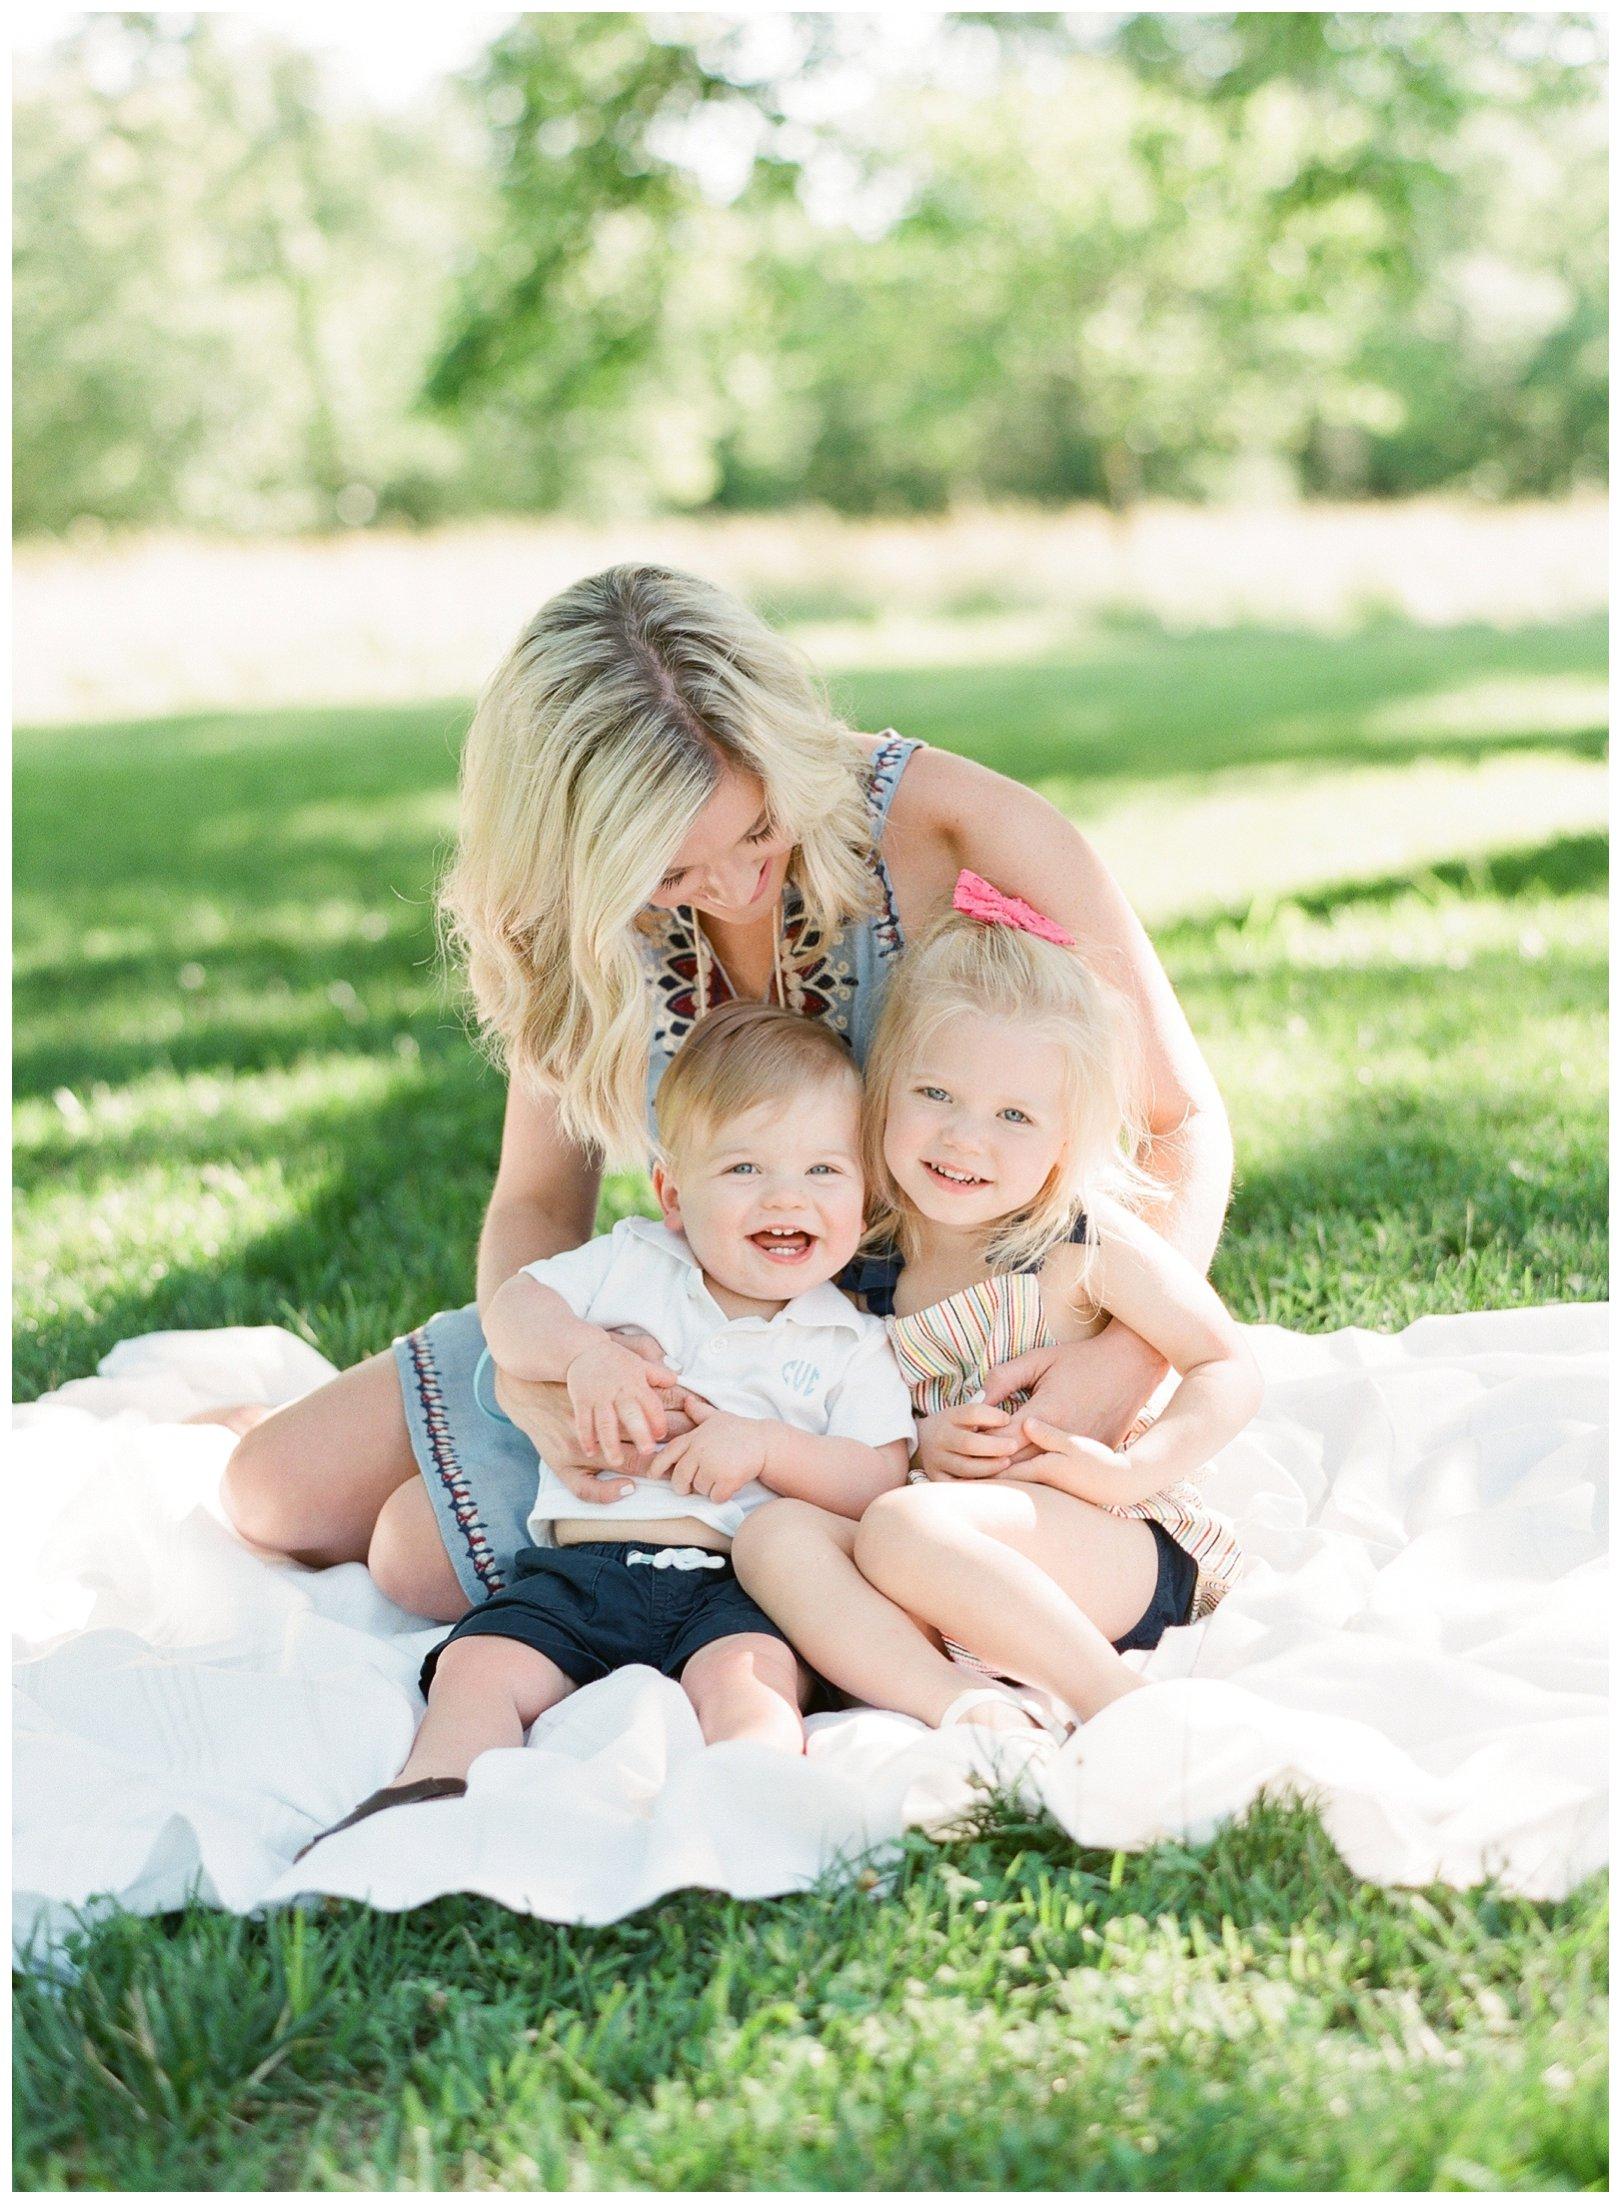 lauren muckler photography_fine art film wedding photography_st louis_photography_3056.jpg